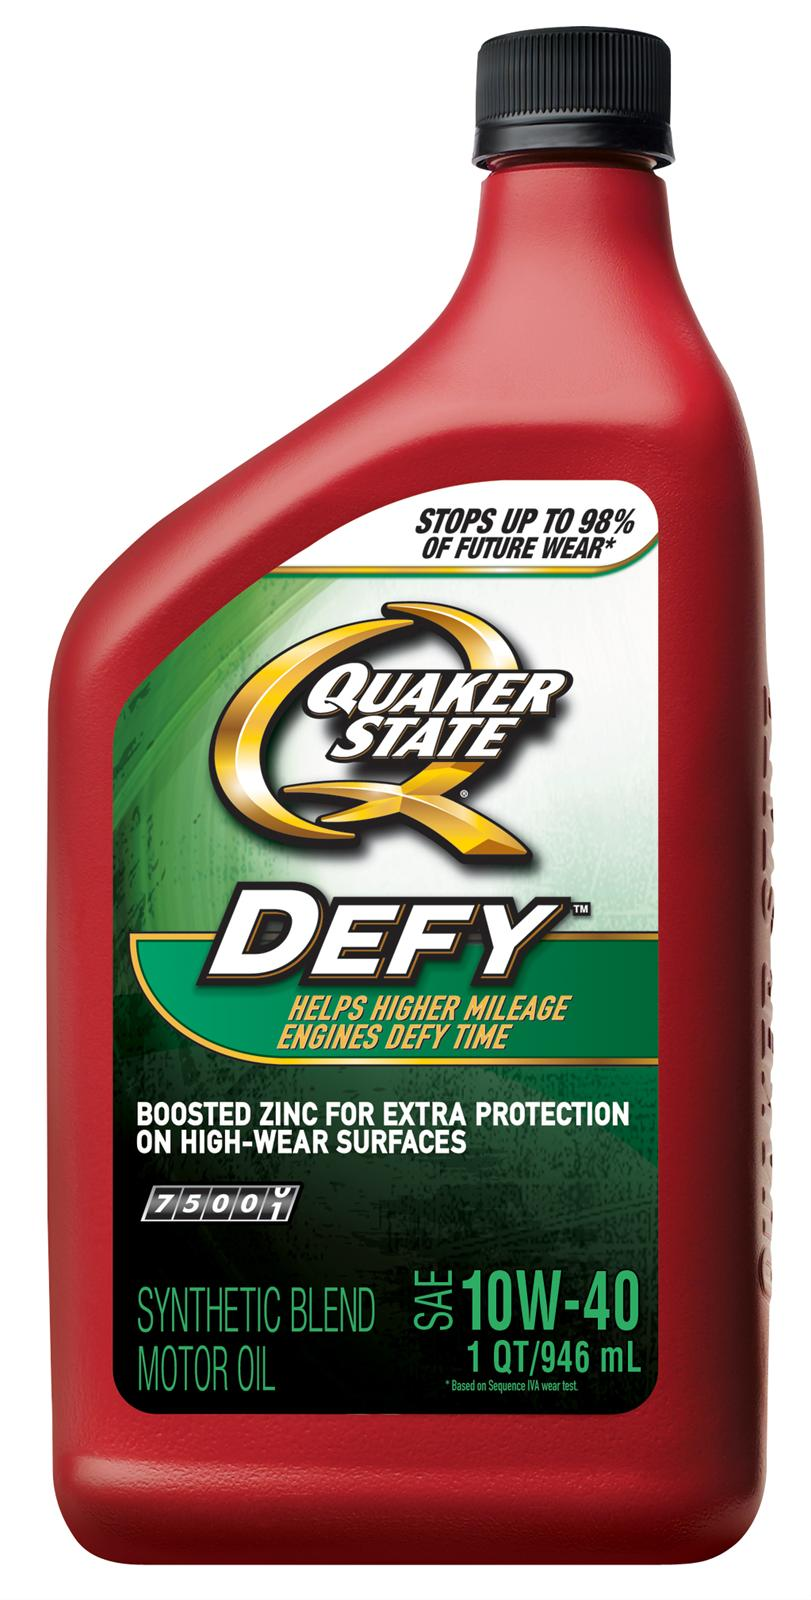 Quaker state motor oil quaker state defy semi synthetic for Synthetic vs non synthetic motor oil